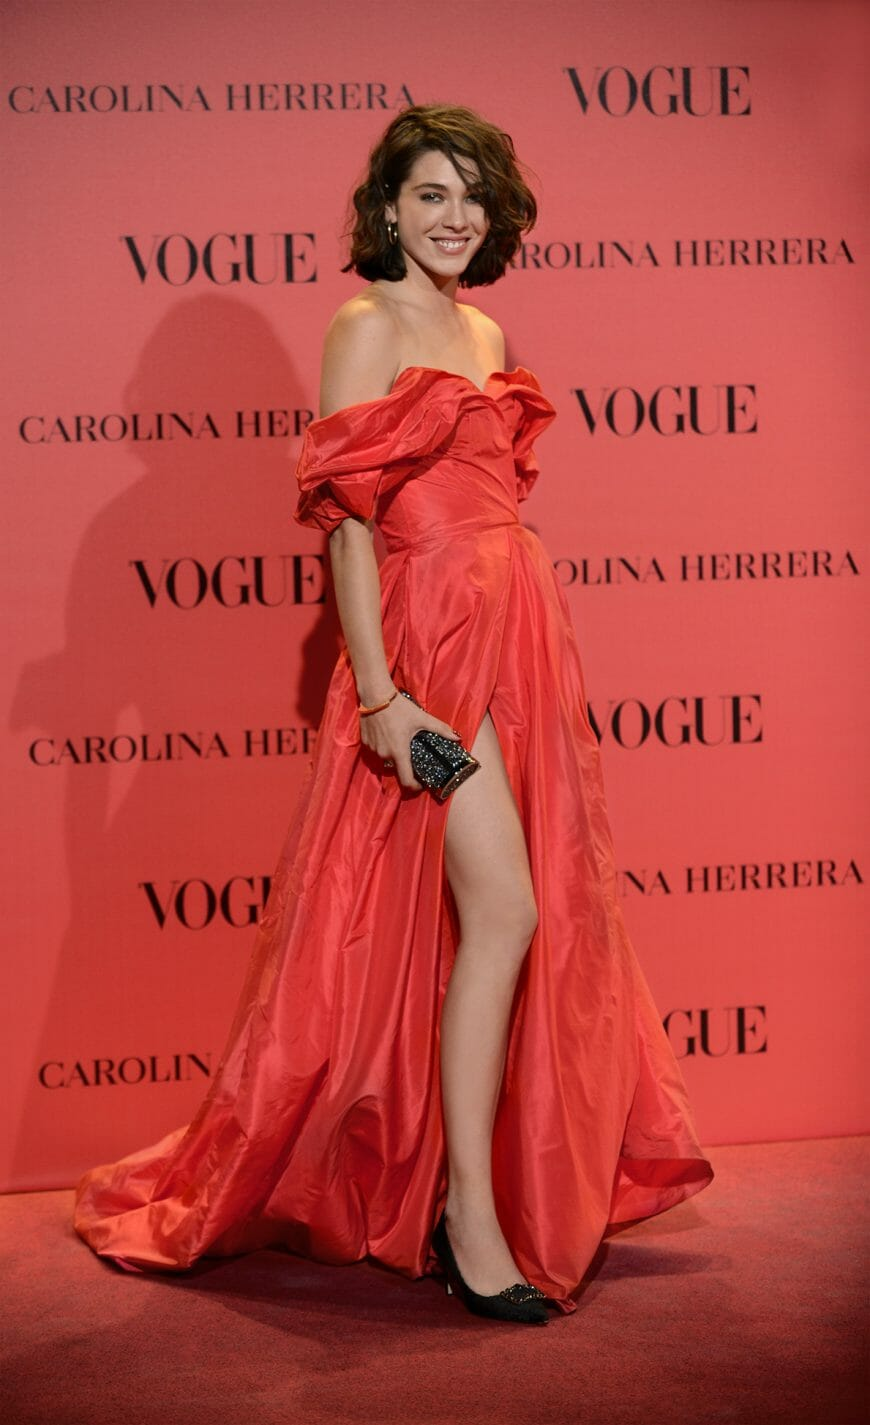 Carolina Herrera celebrates thirty years of Vogue Spain